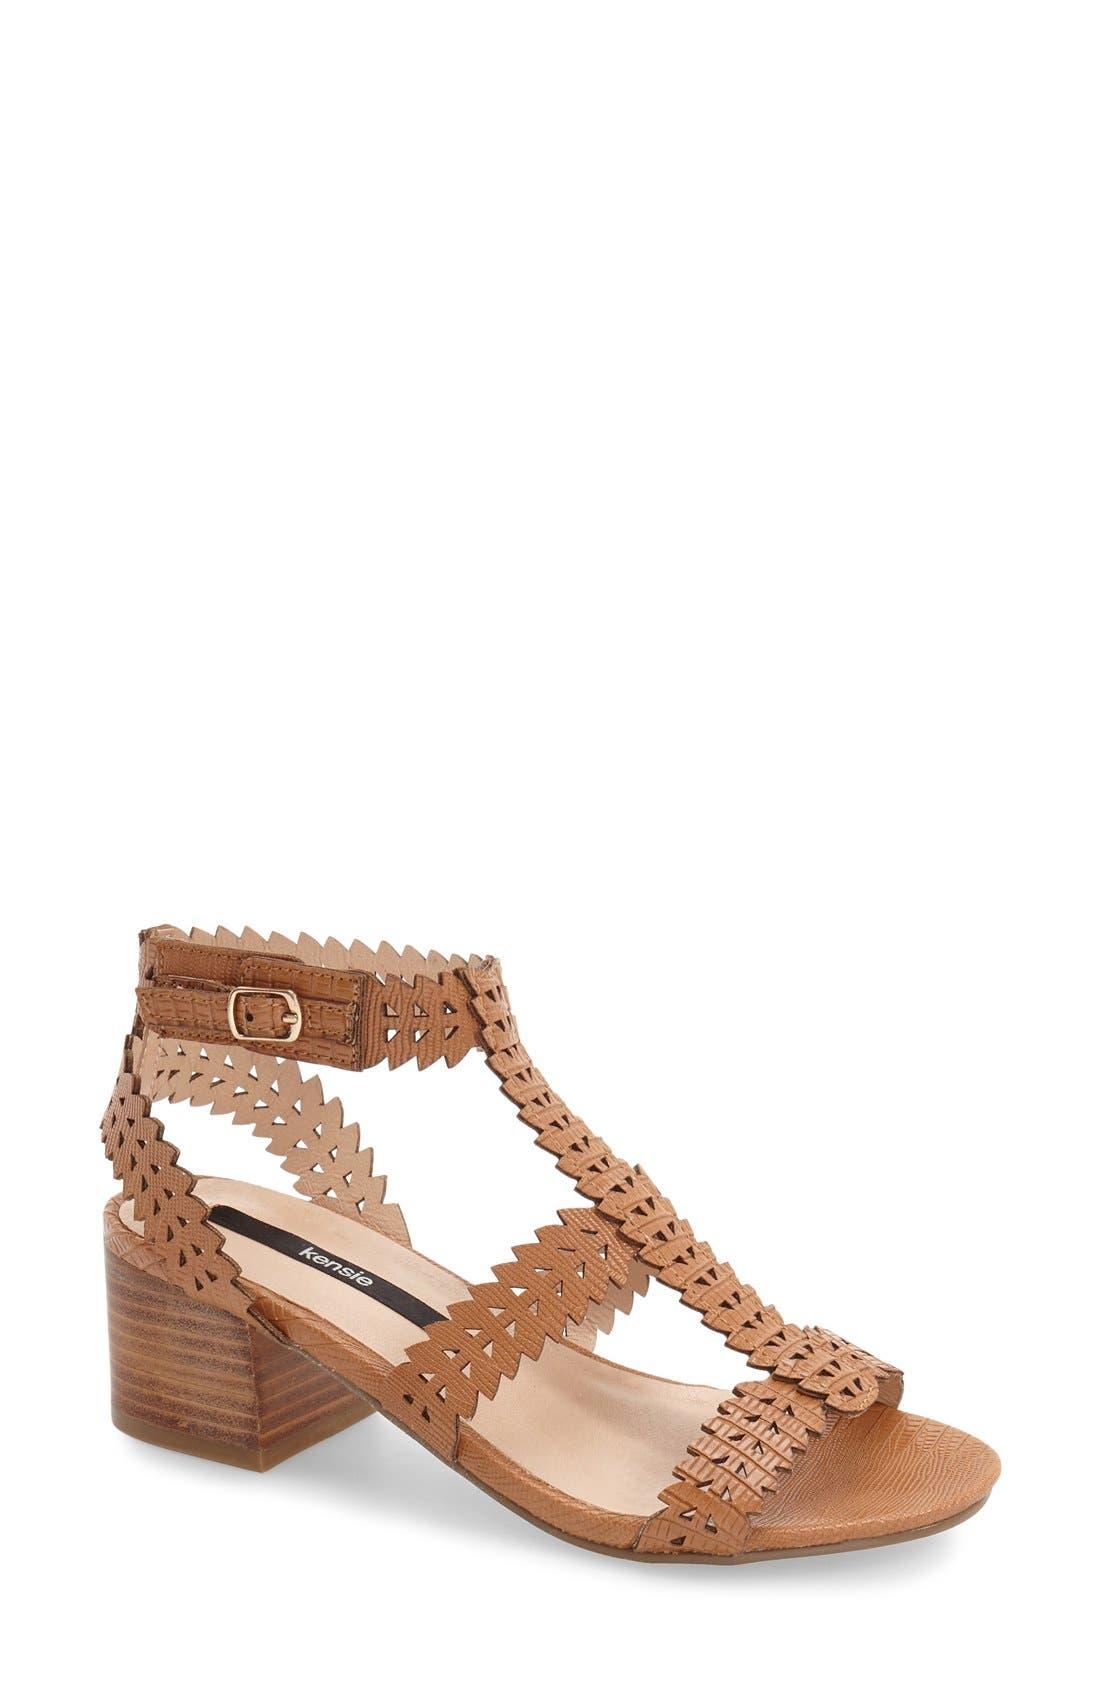 Alternate Image 1 Selected - kensie 'Hepburn' Block Heel Sandal (Women)